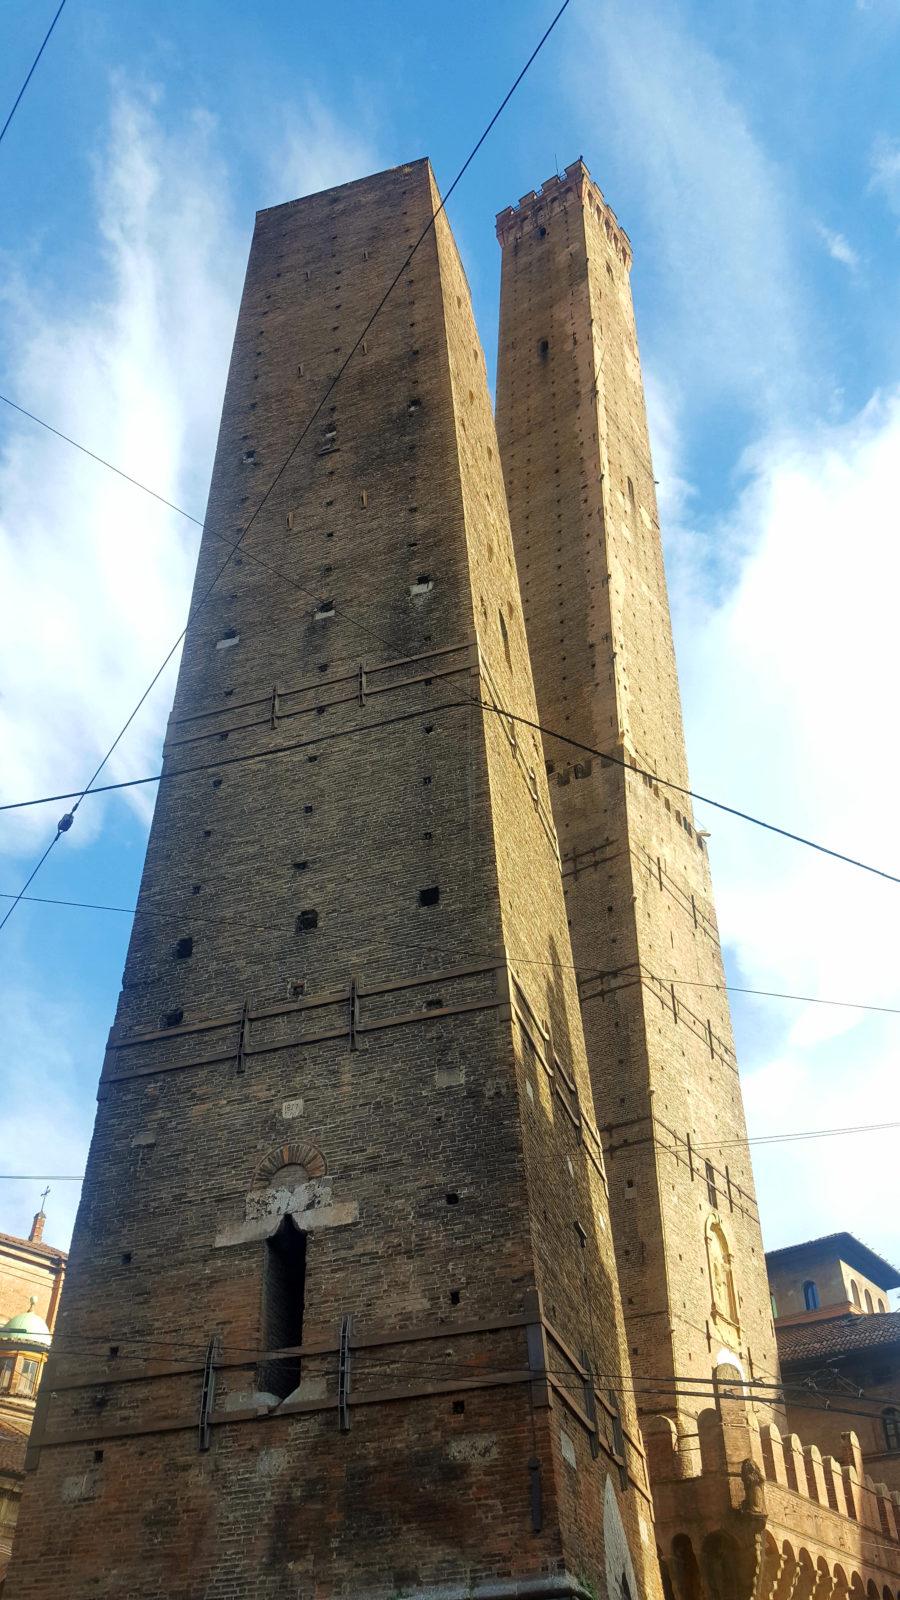 Torre Garisenda und Torre Asinelli